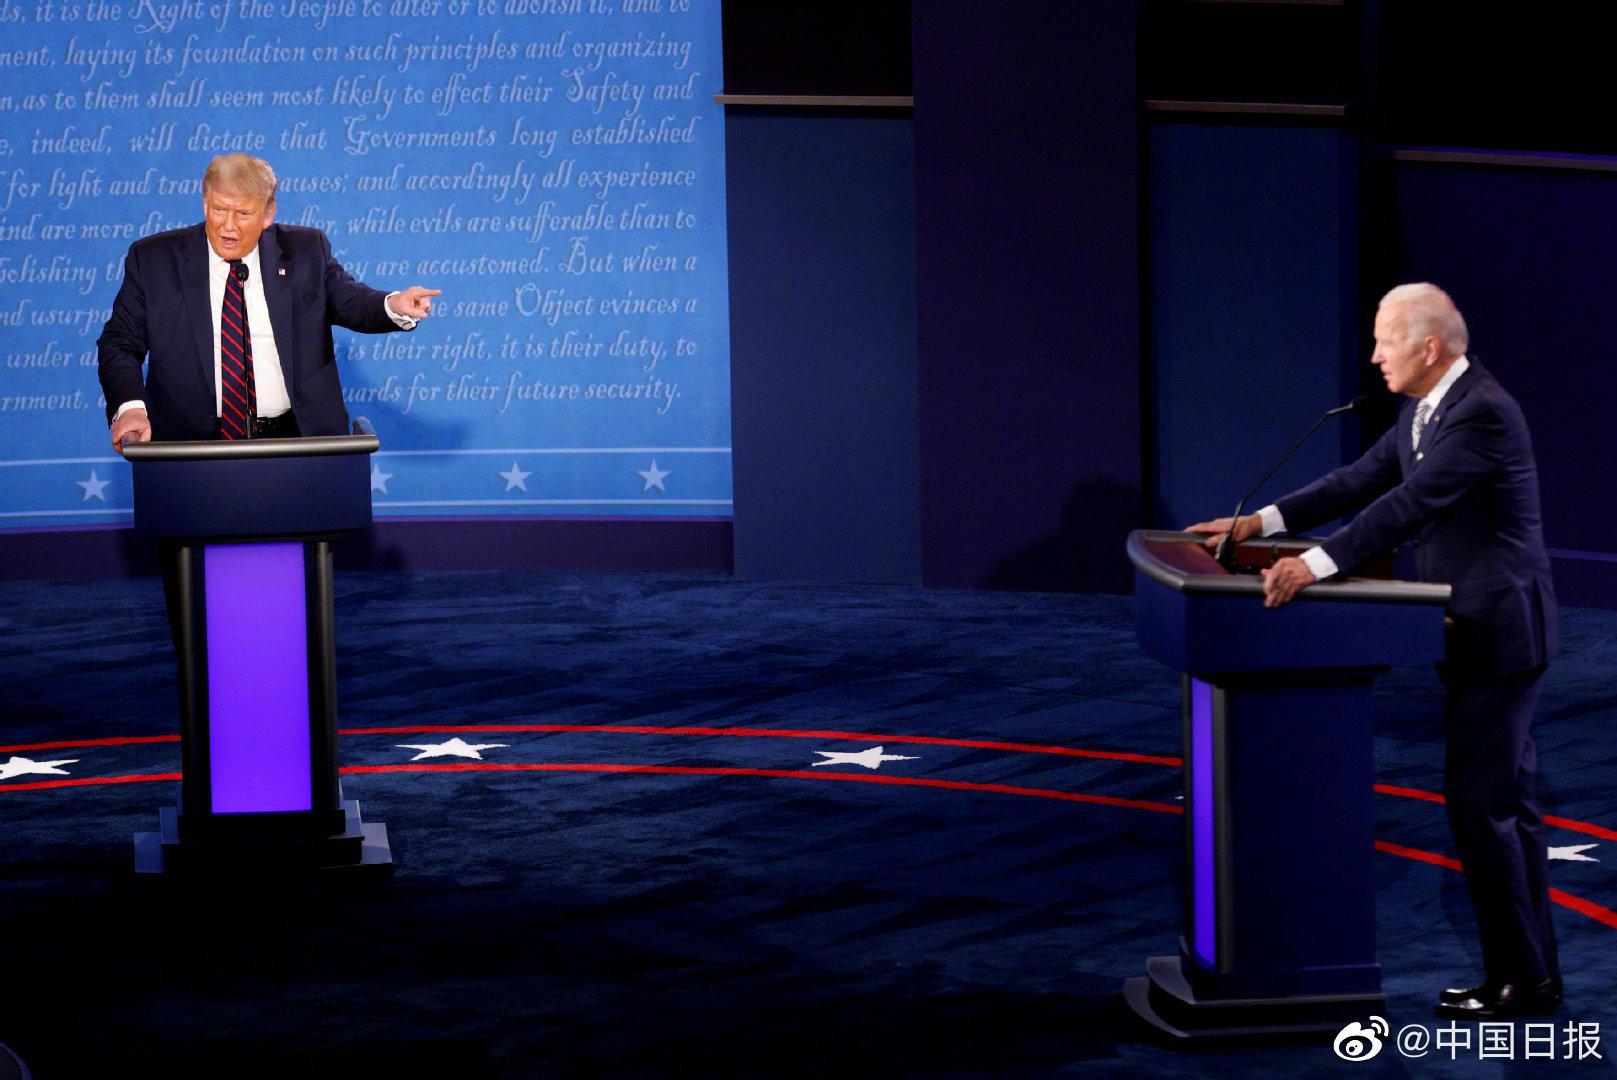 美总统辩论主办方称将采取措施维护辩论秩序